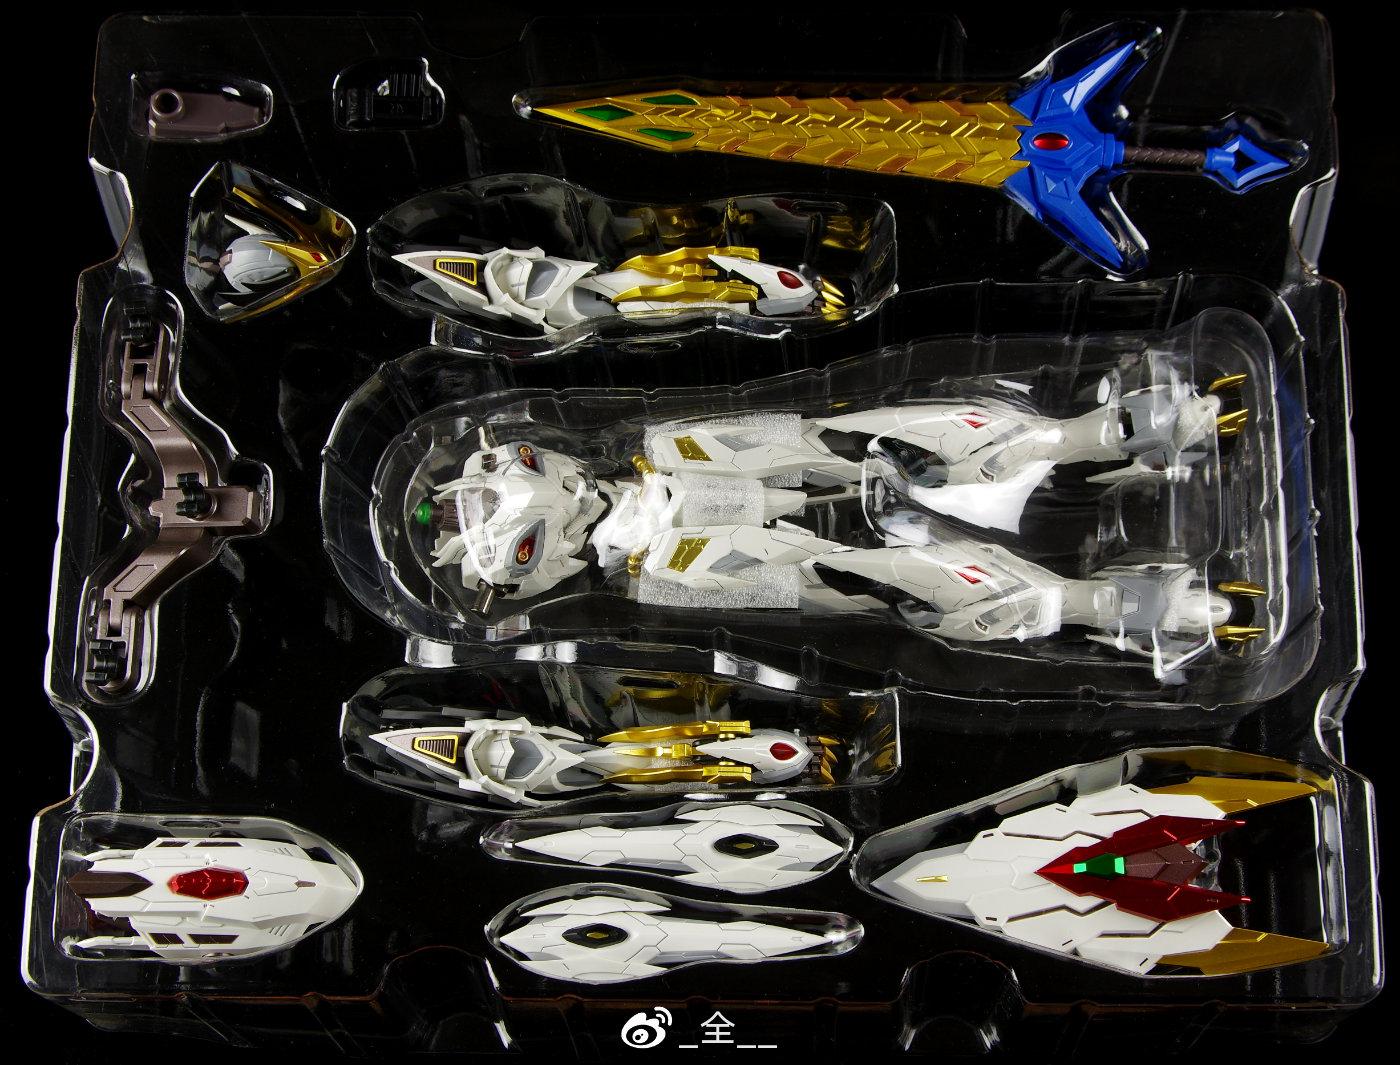 S318_MOTOR_NUCLEAR_013.jpg